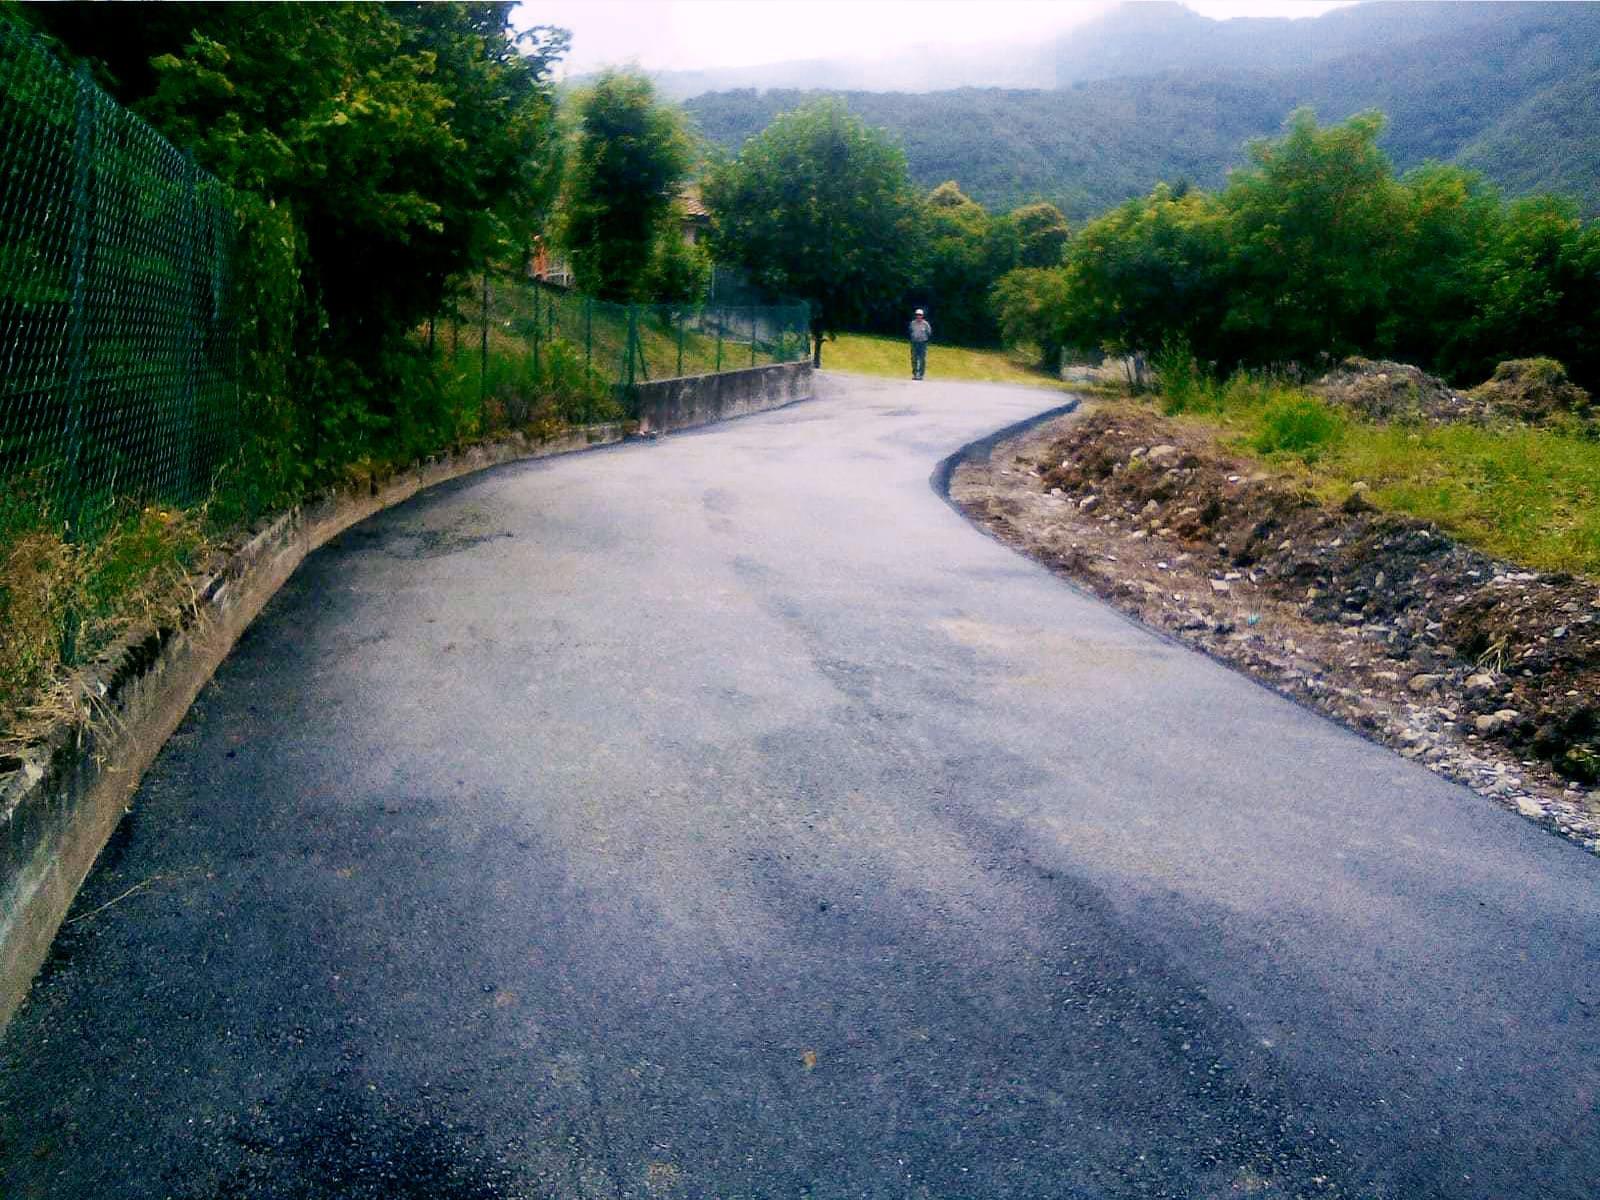 Messa in sicurezza strade comunali - Bedulita - 8